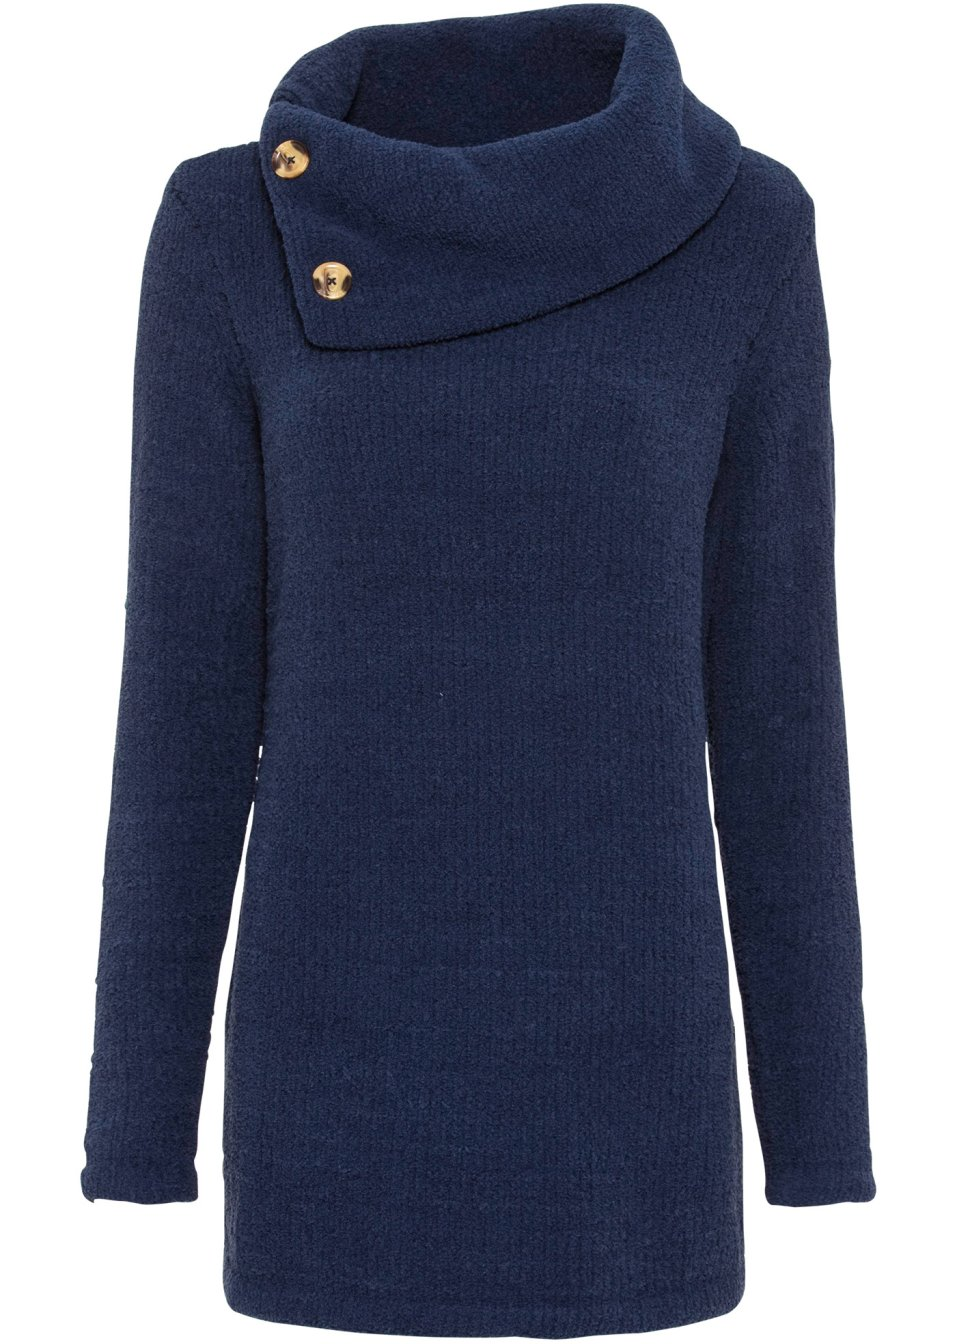 Long-Pullover dunkelblau - Damen - bonprix.de hrk07 sRvSi